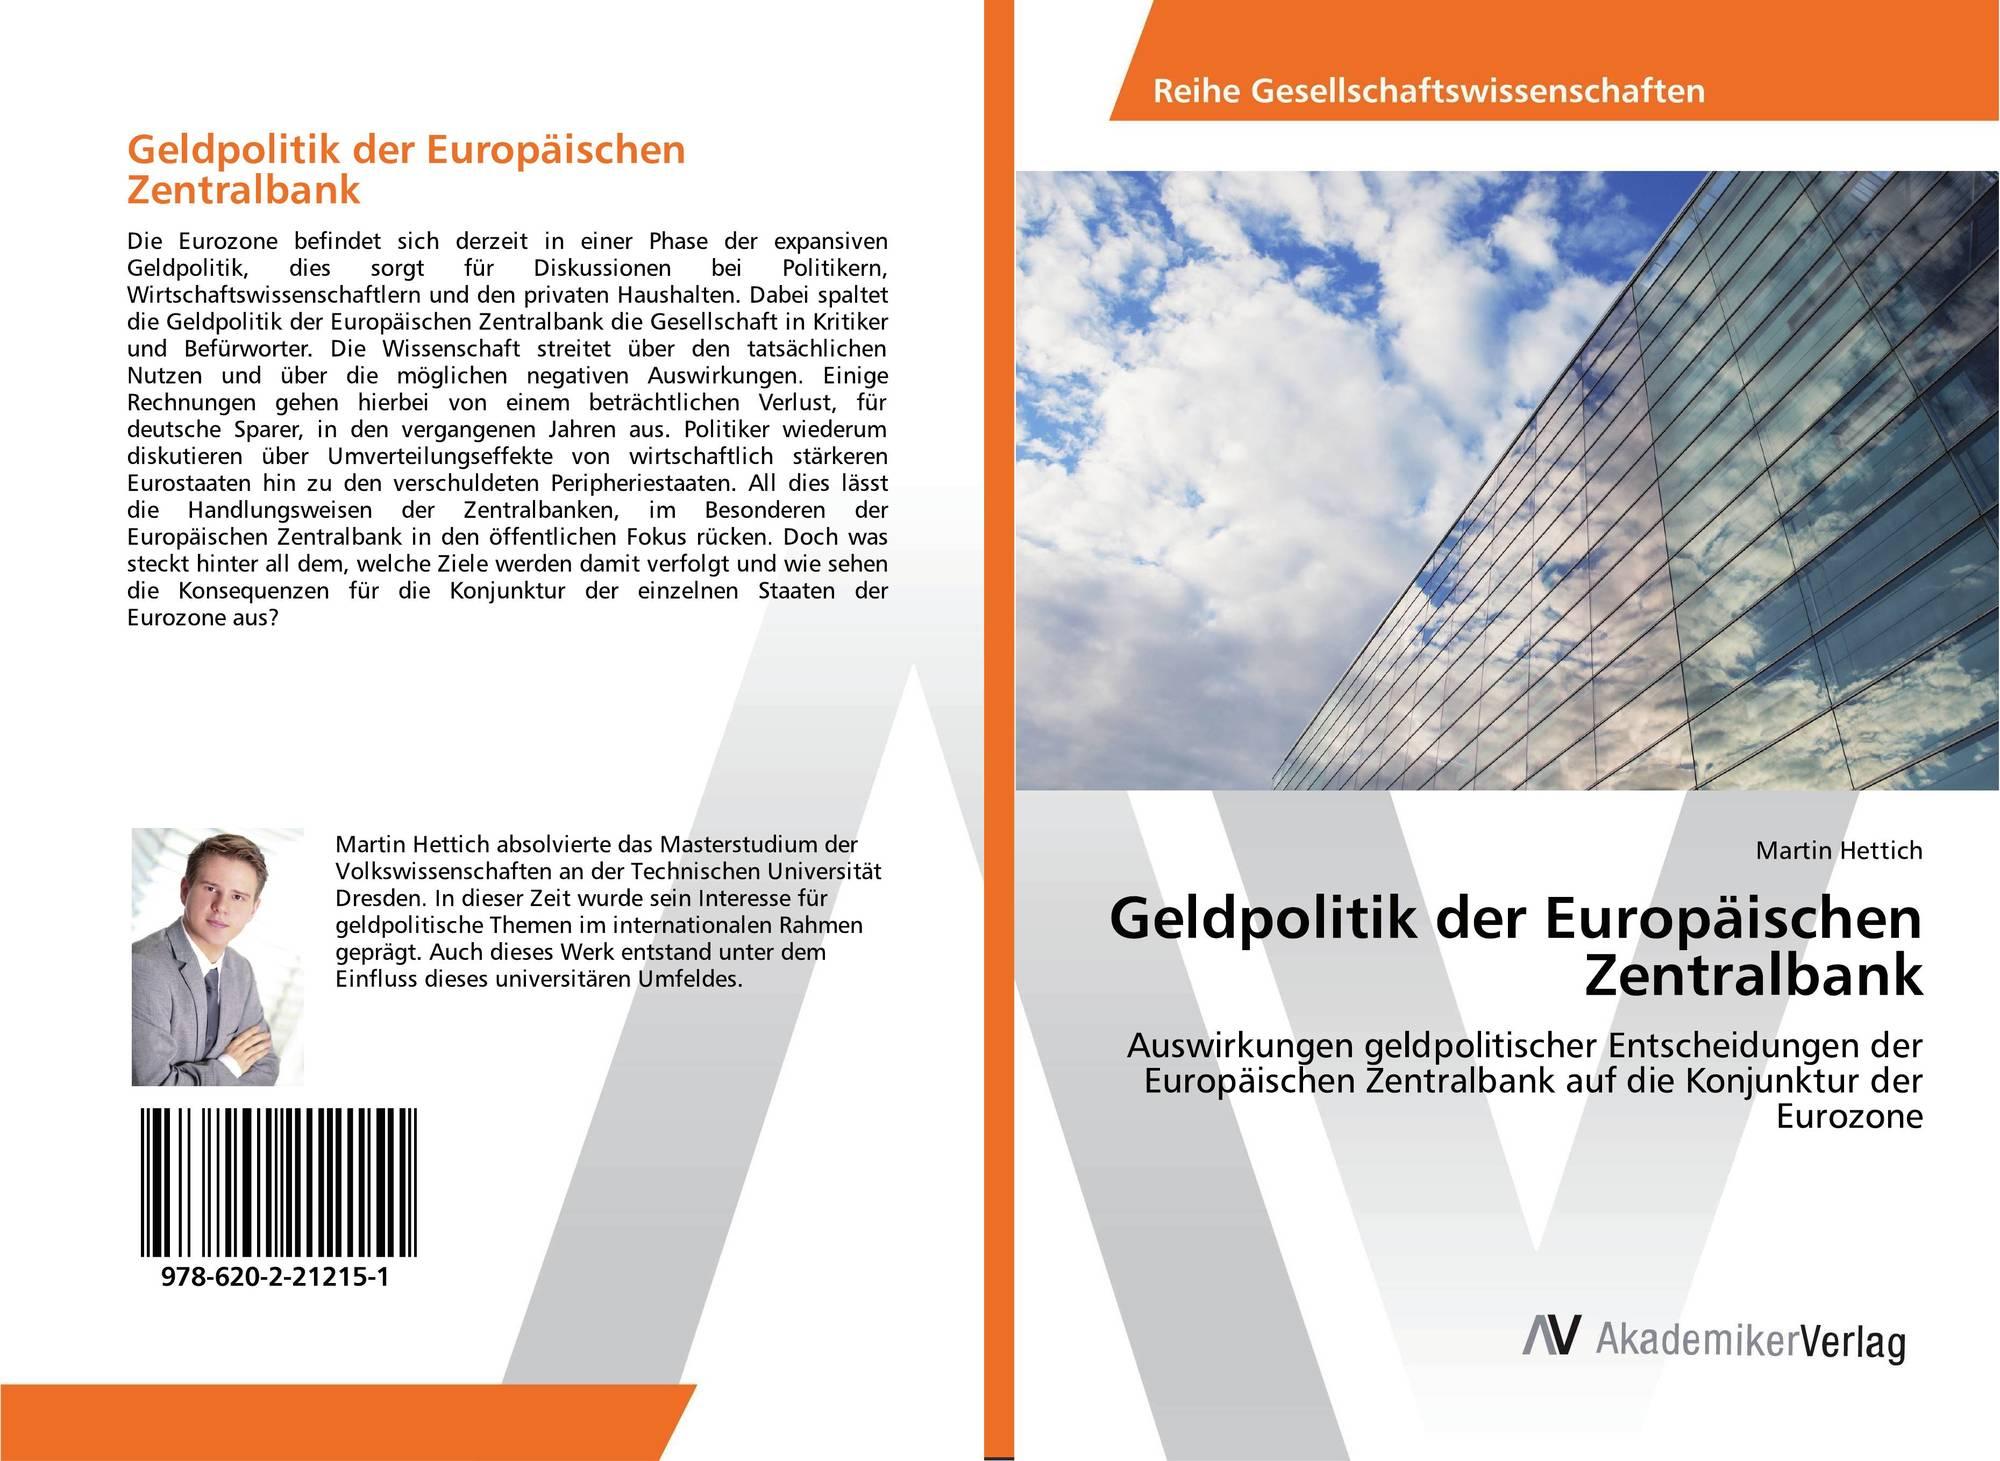 Geldpolitik der Europäischen Zentralbank, 978-620-2-21215-1 ...